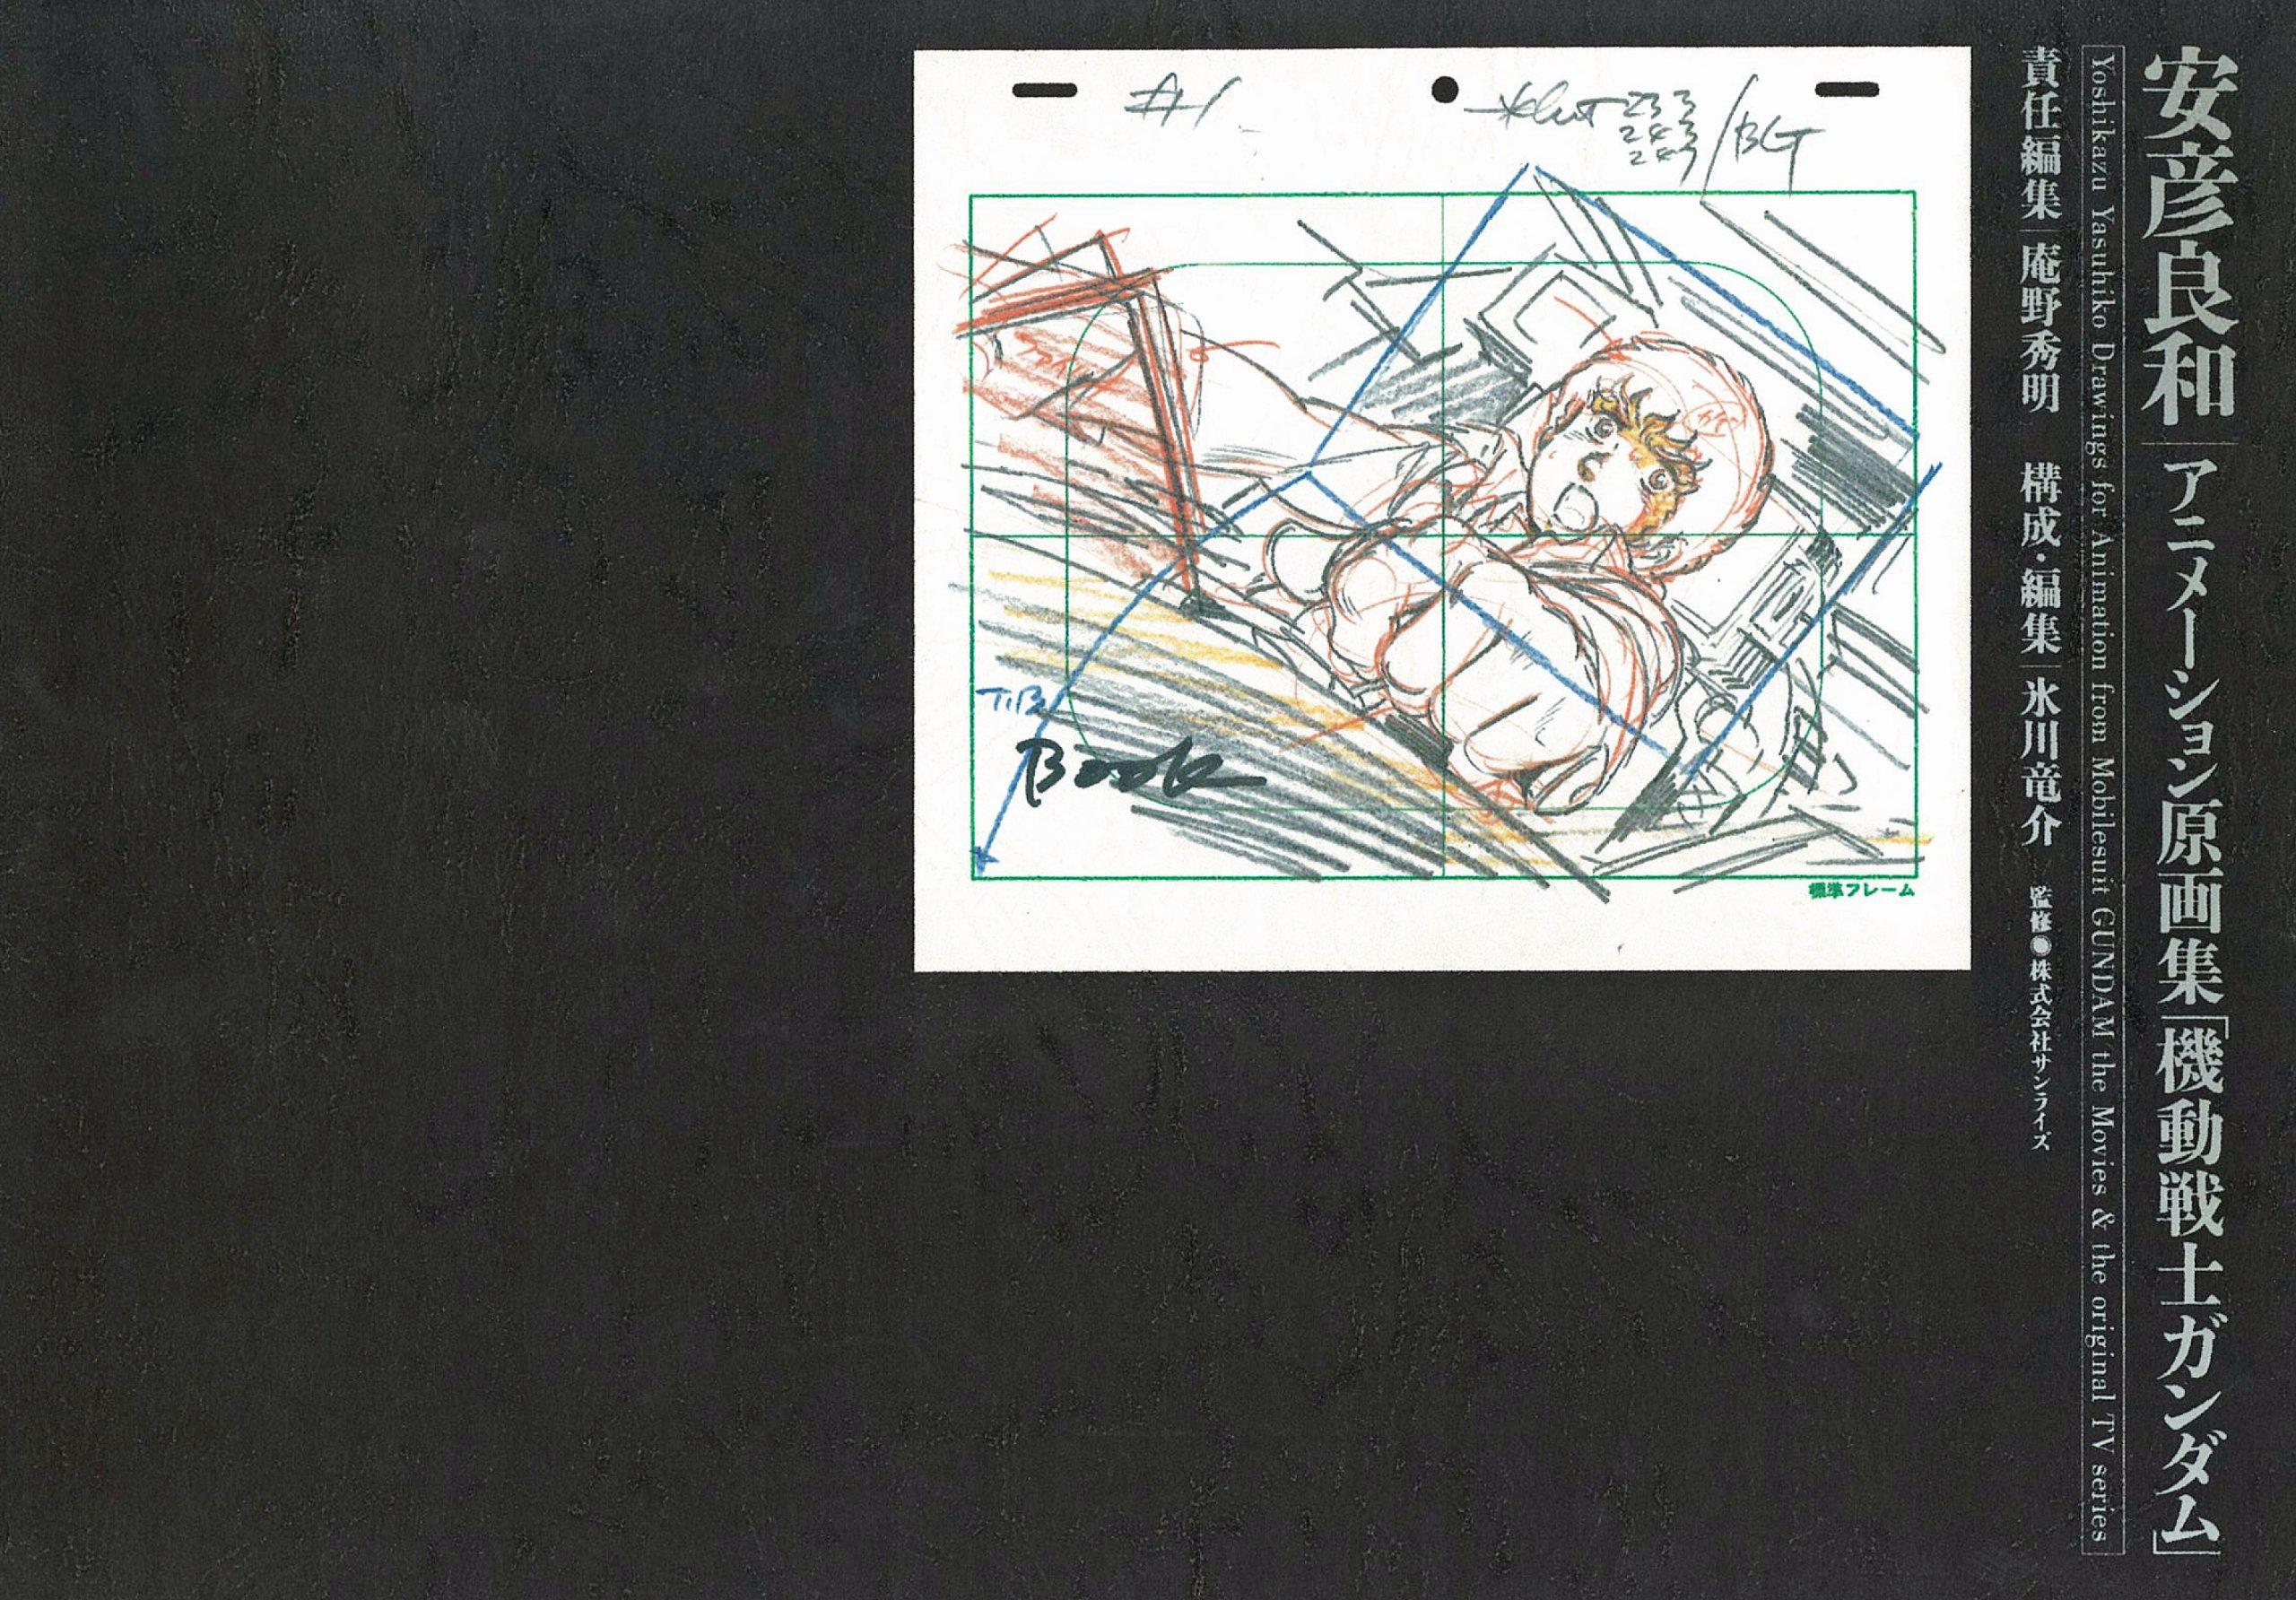 吉田健一 (アニメーター)の画像 p1_37